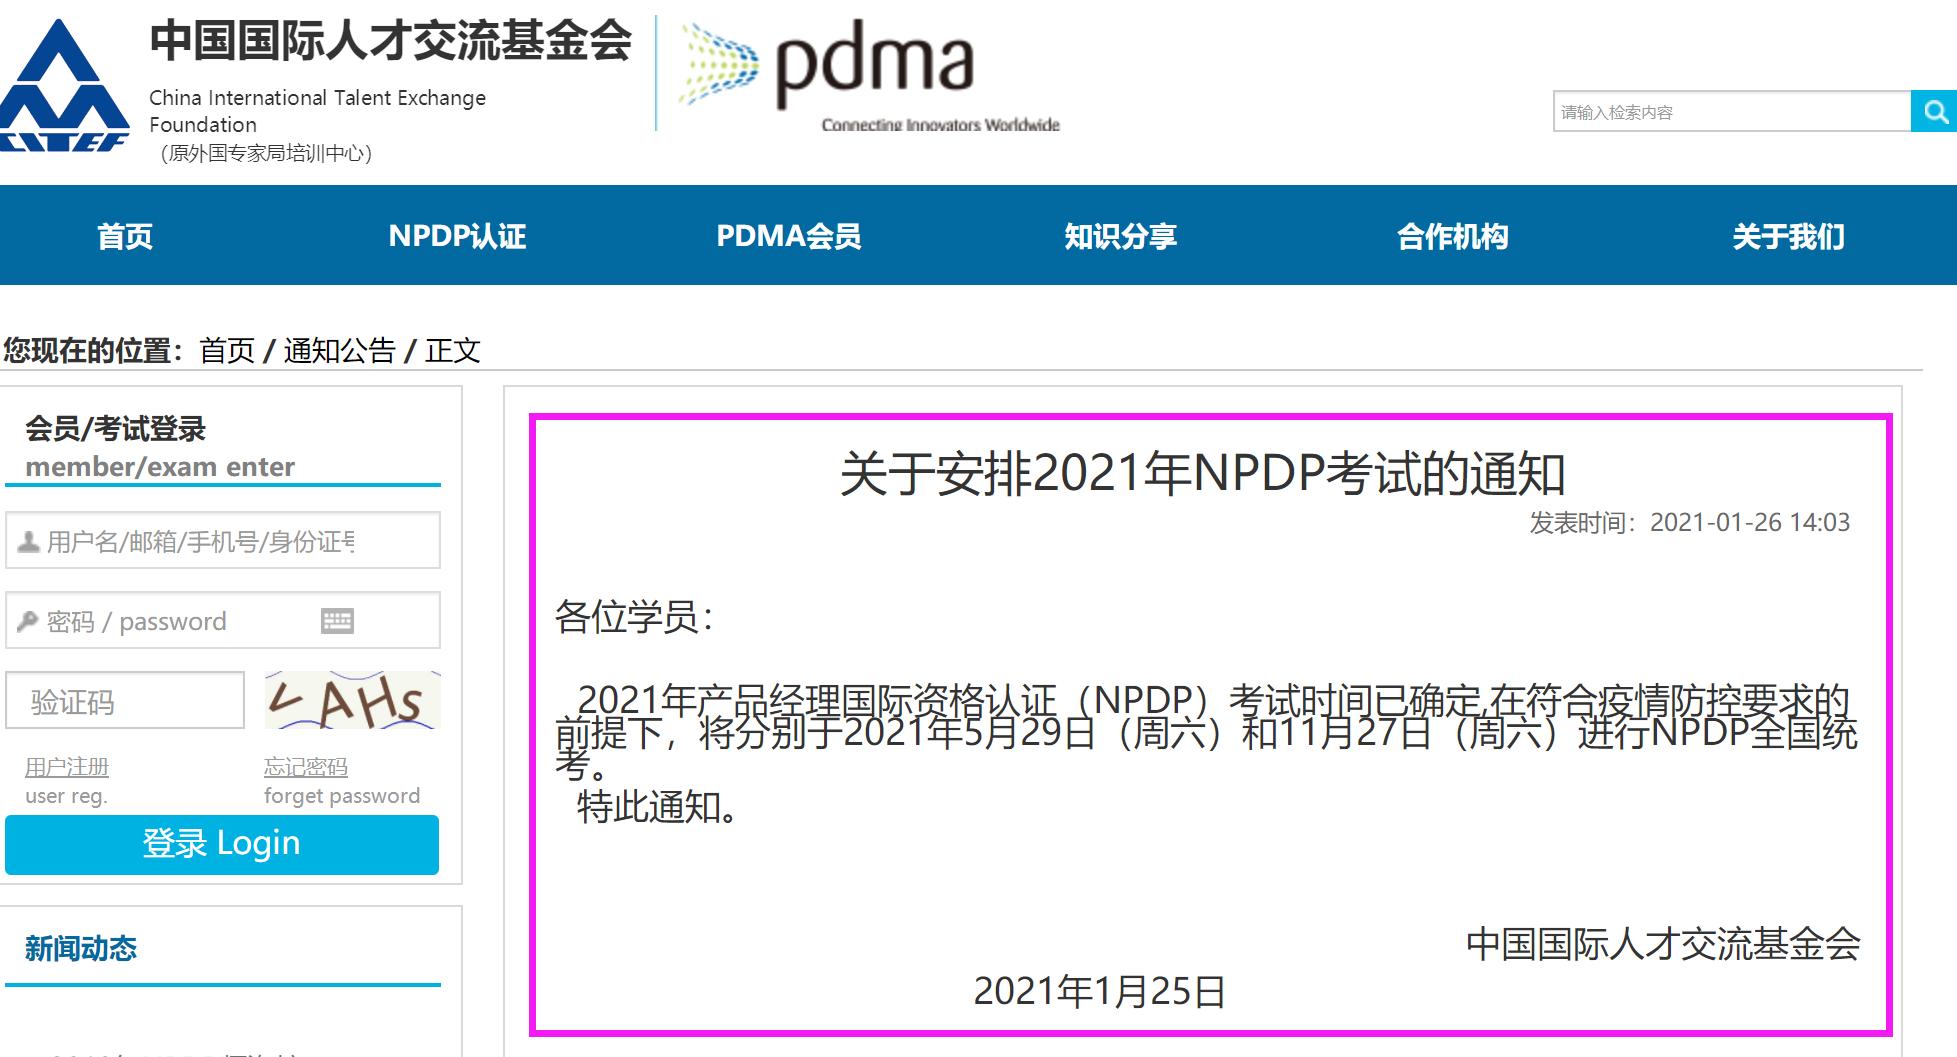 2021年产品经理NPDP考试时间官宣啦